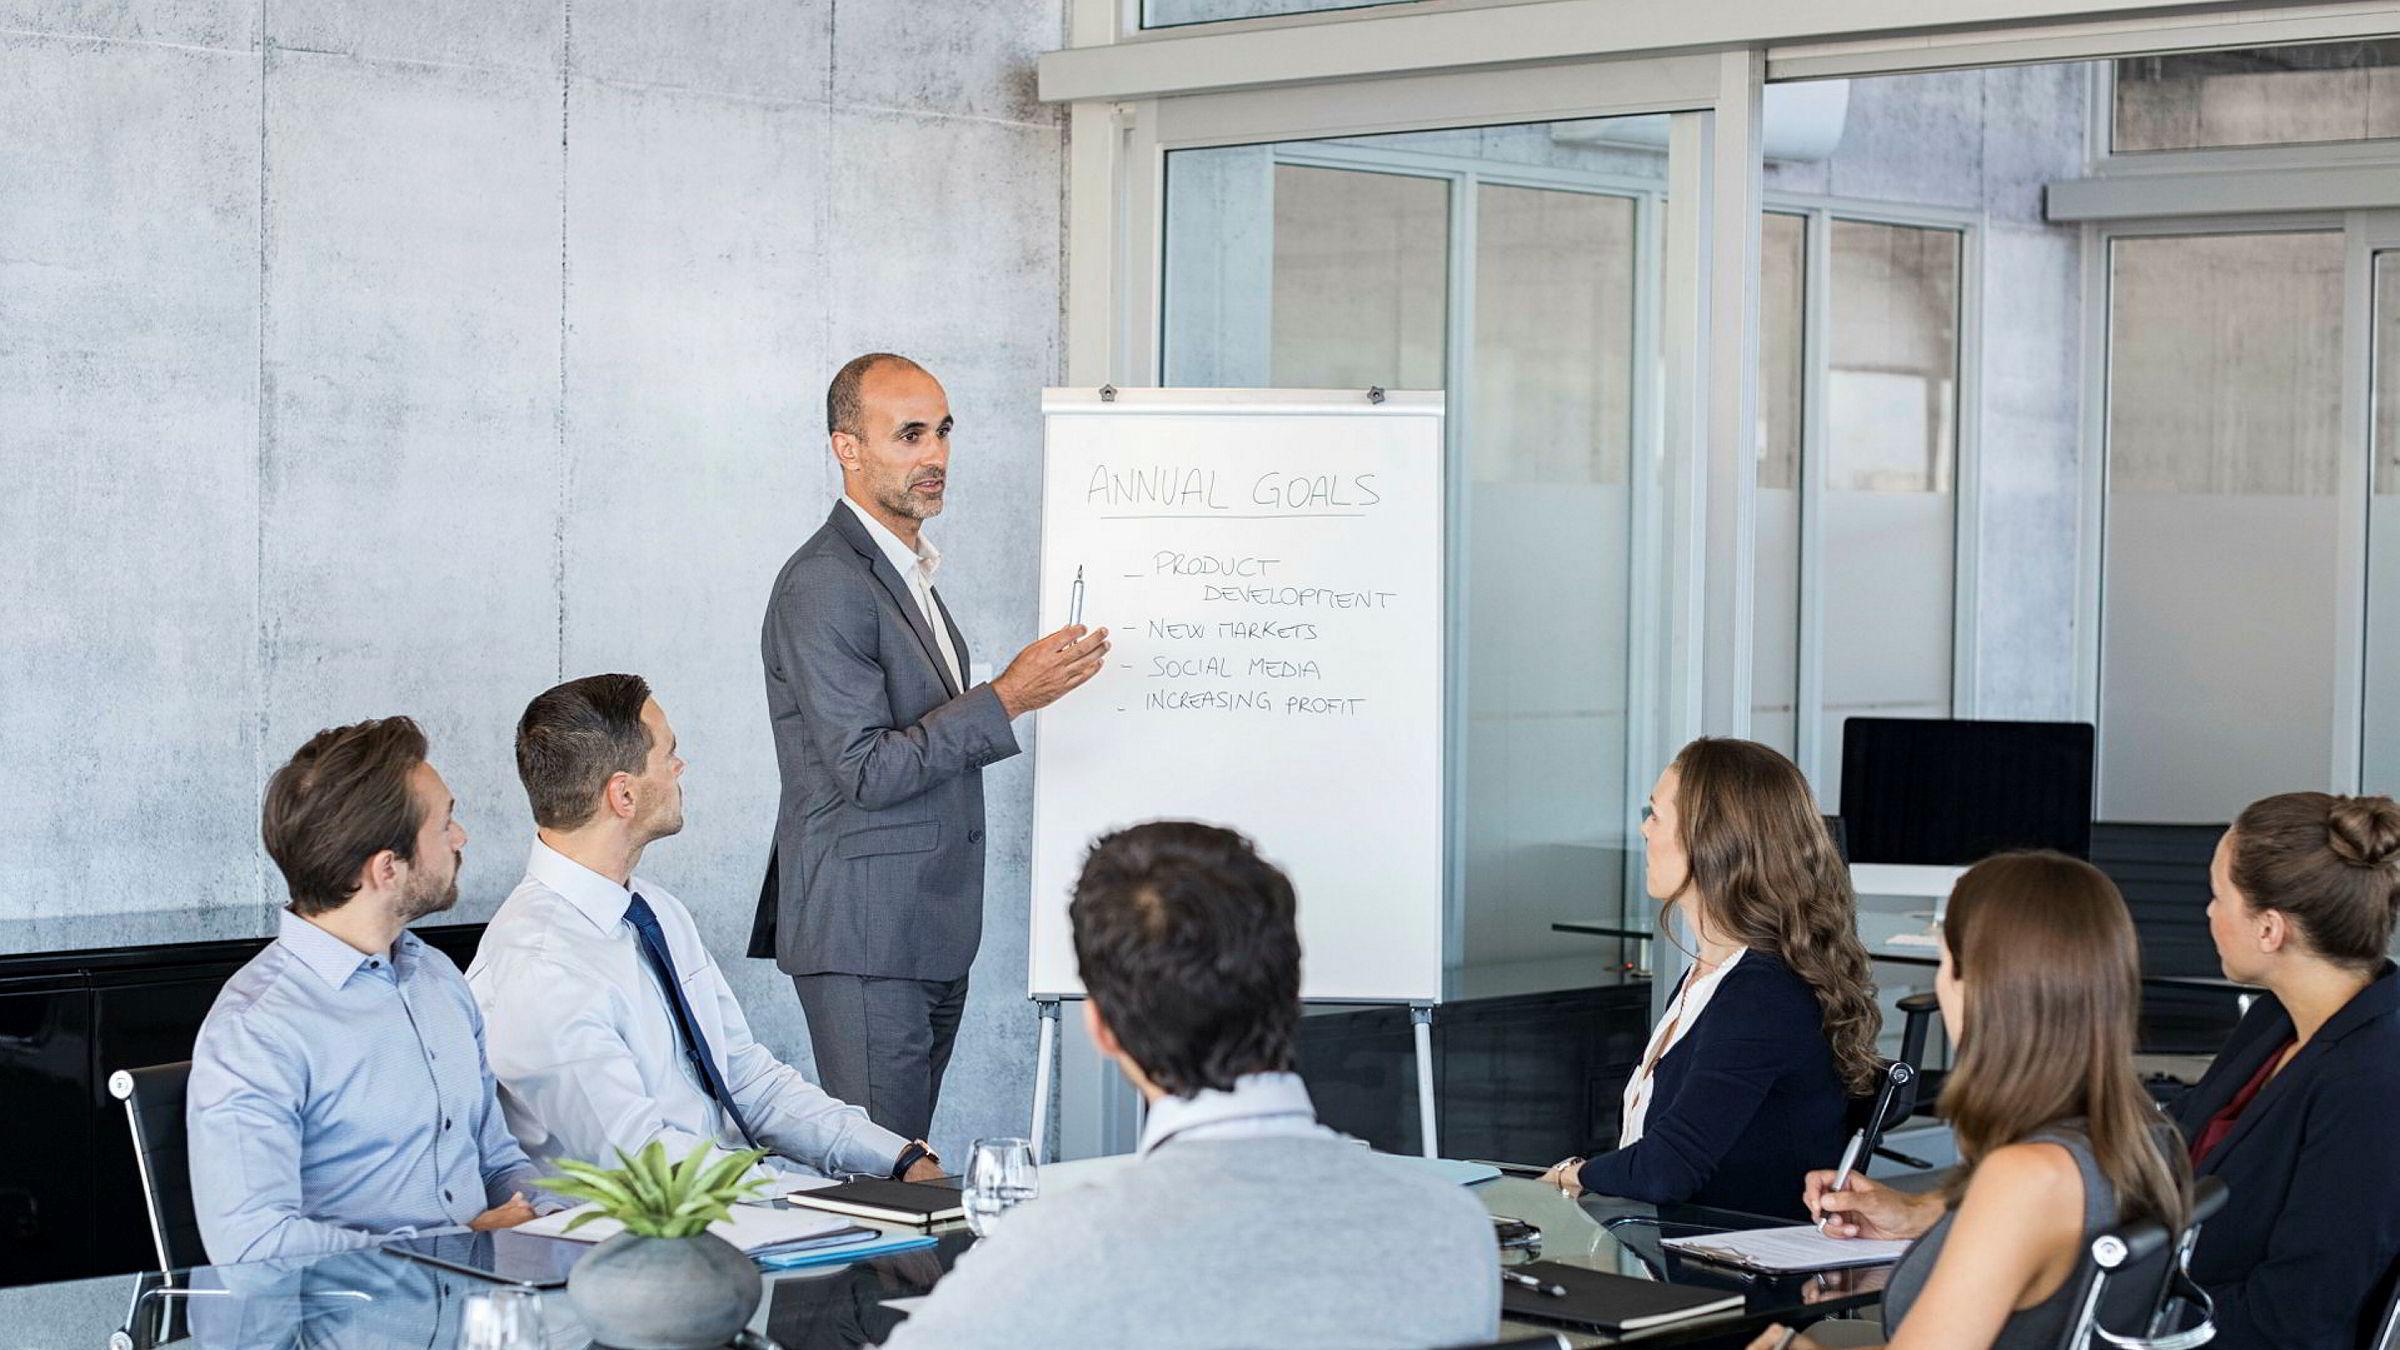 Egentlig handler effektiv ledelse på tvers av sektorer om å få det beste ut av alle, på tvers av prestasjonsnivåer og opplevd eller innbilt potensial, skriver artikkelforfatteren.